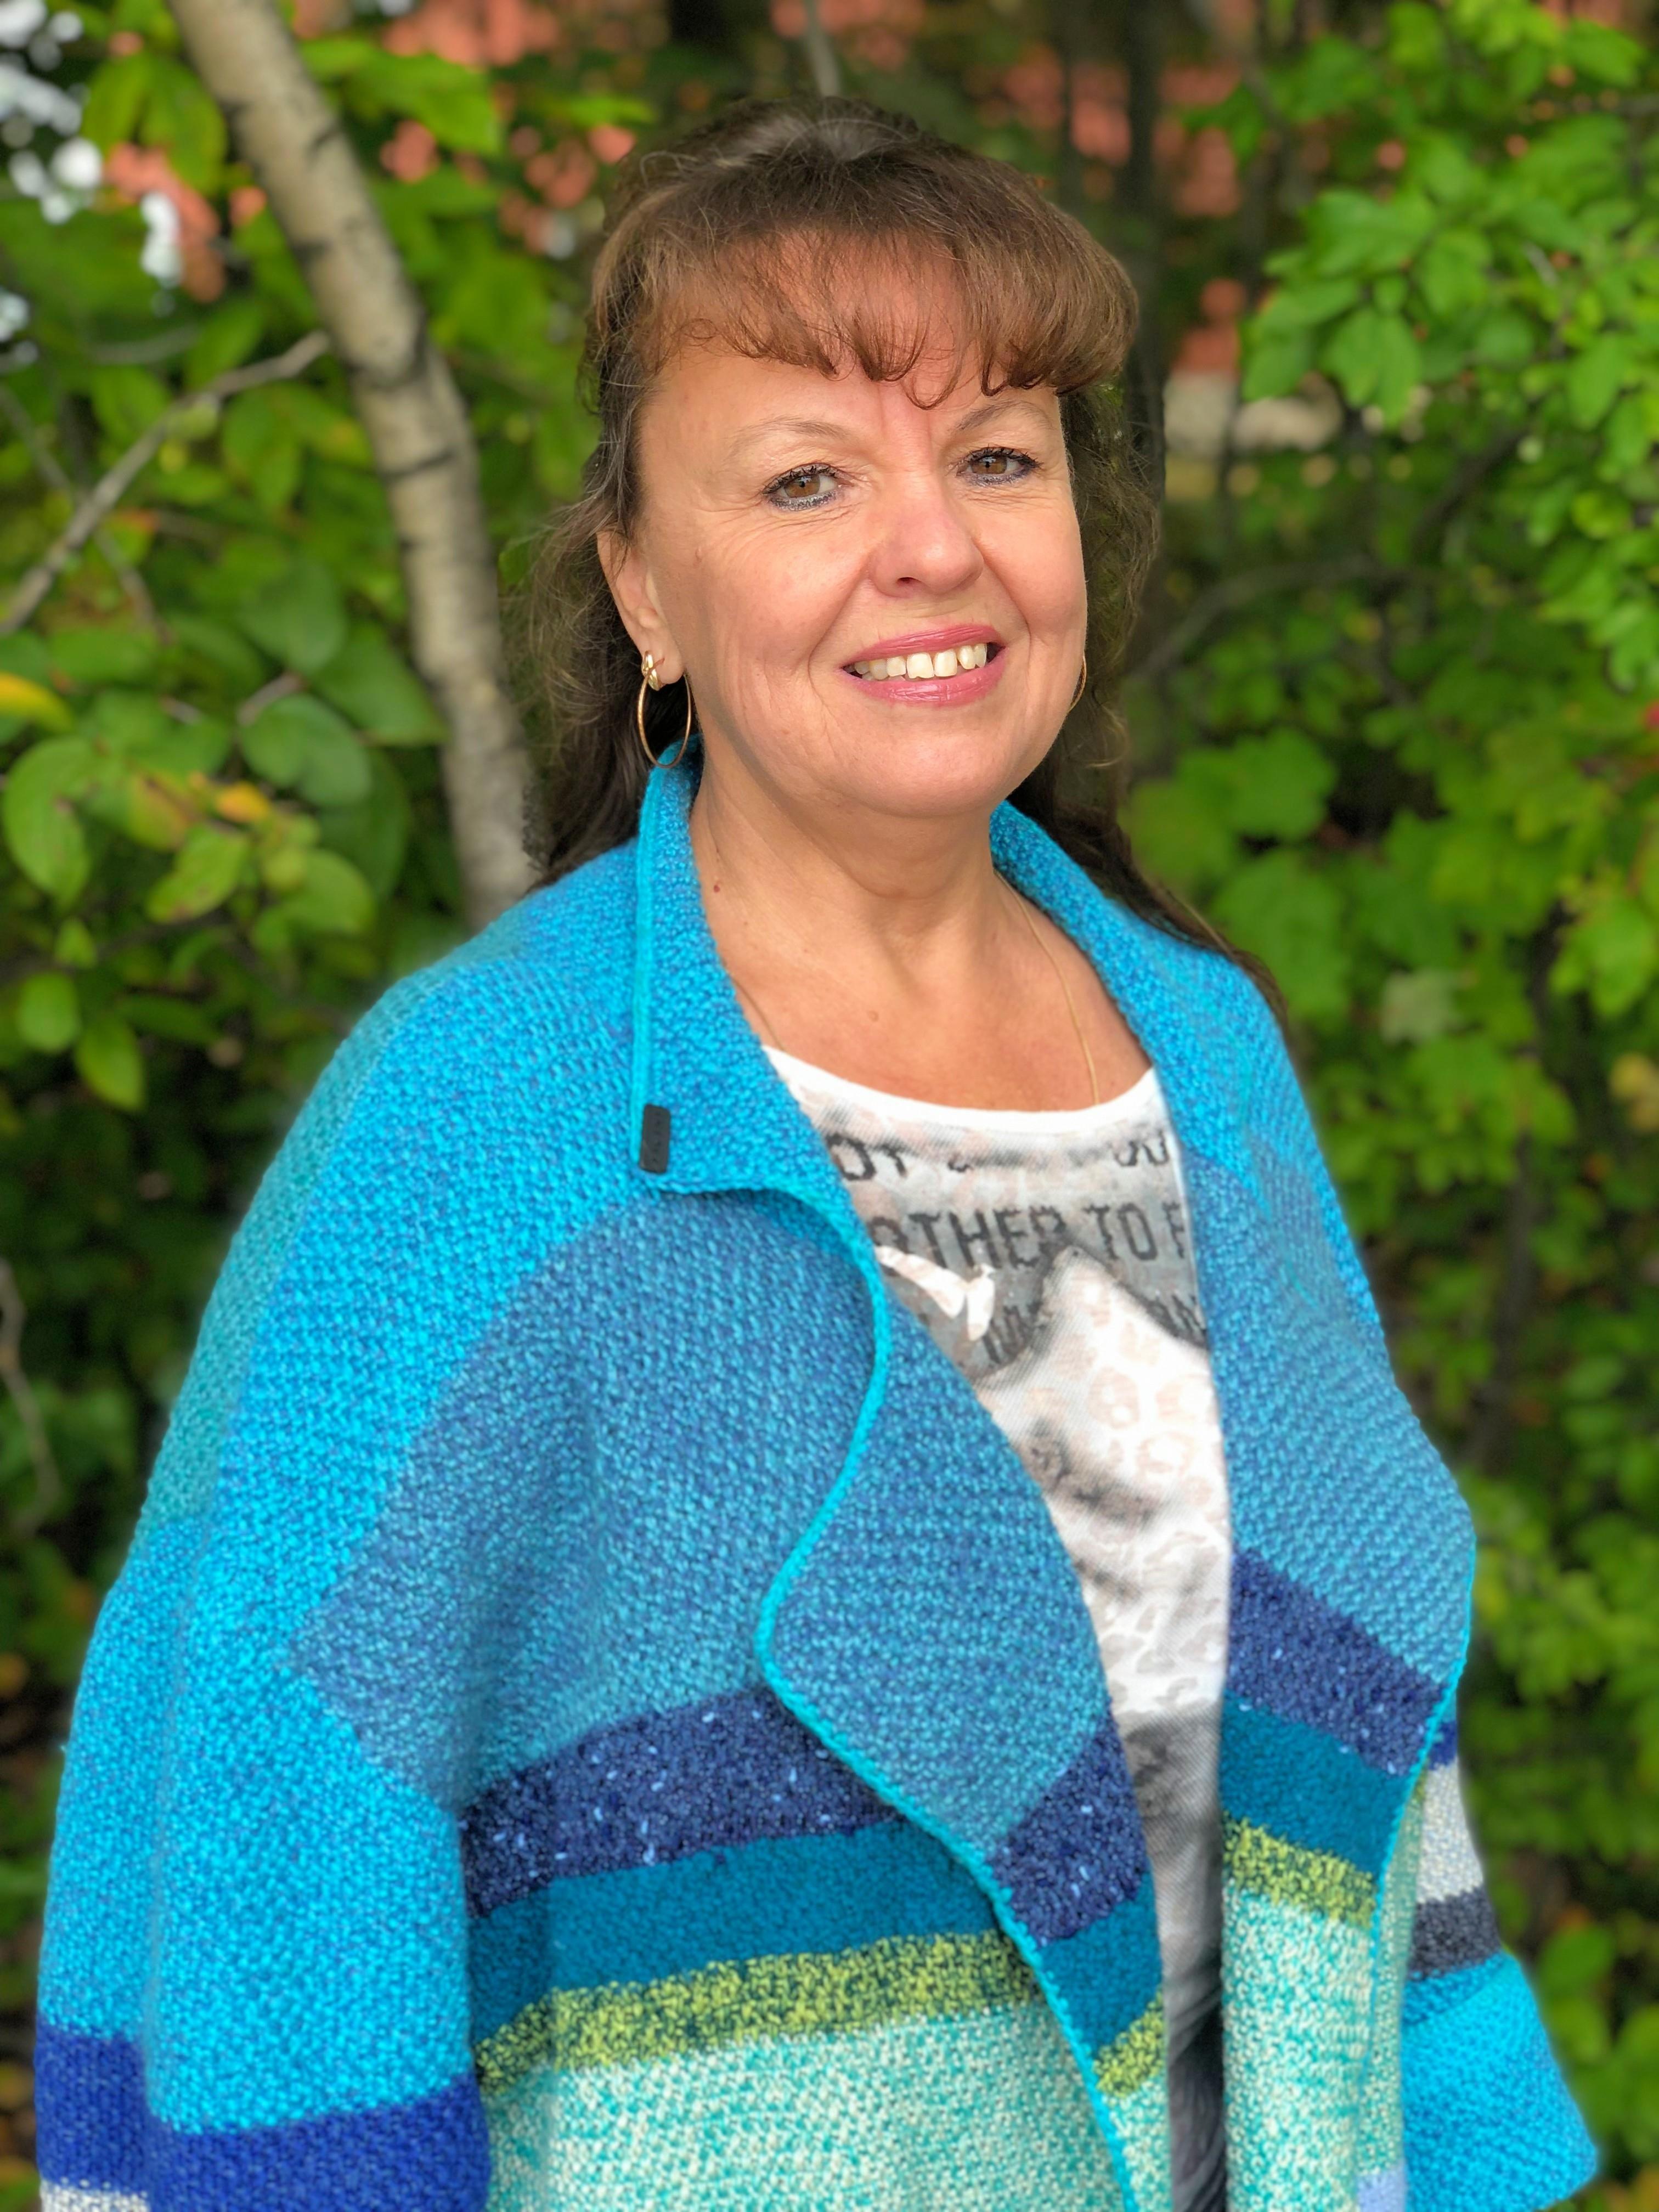 Elena Ovichinnikova